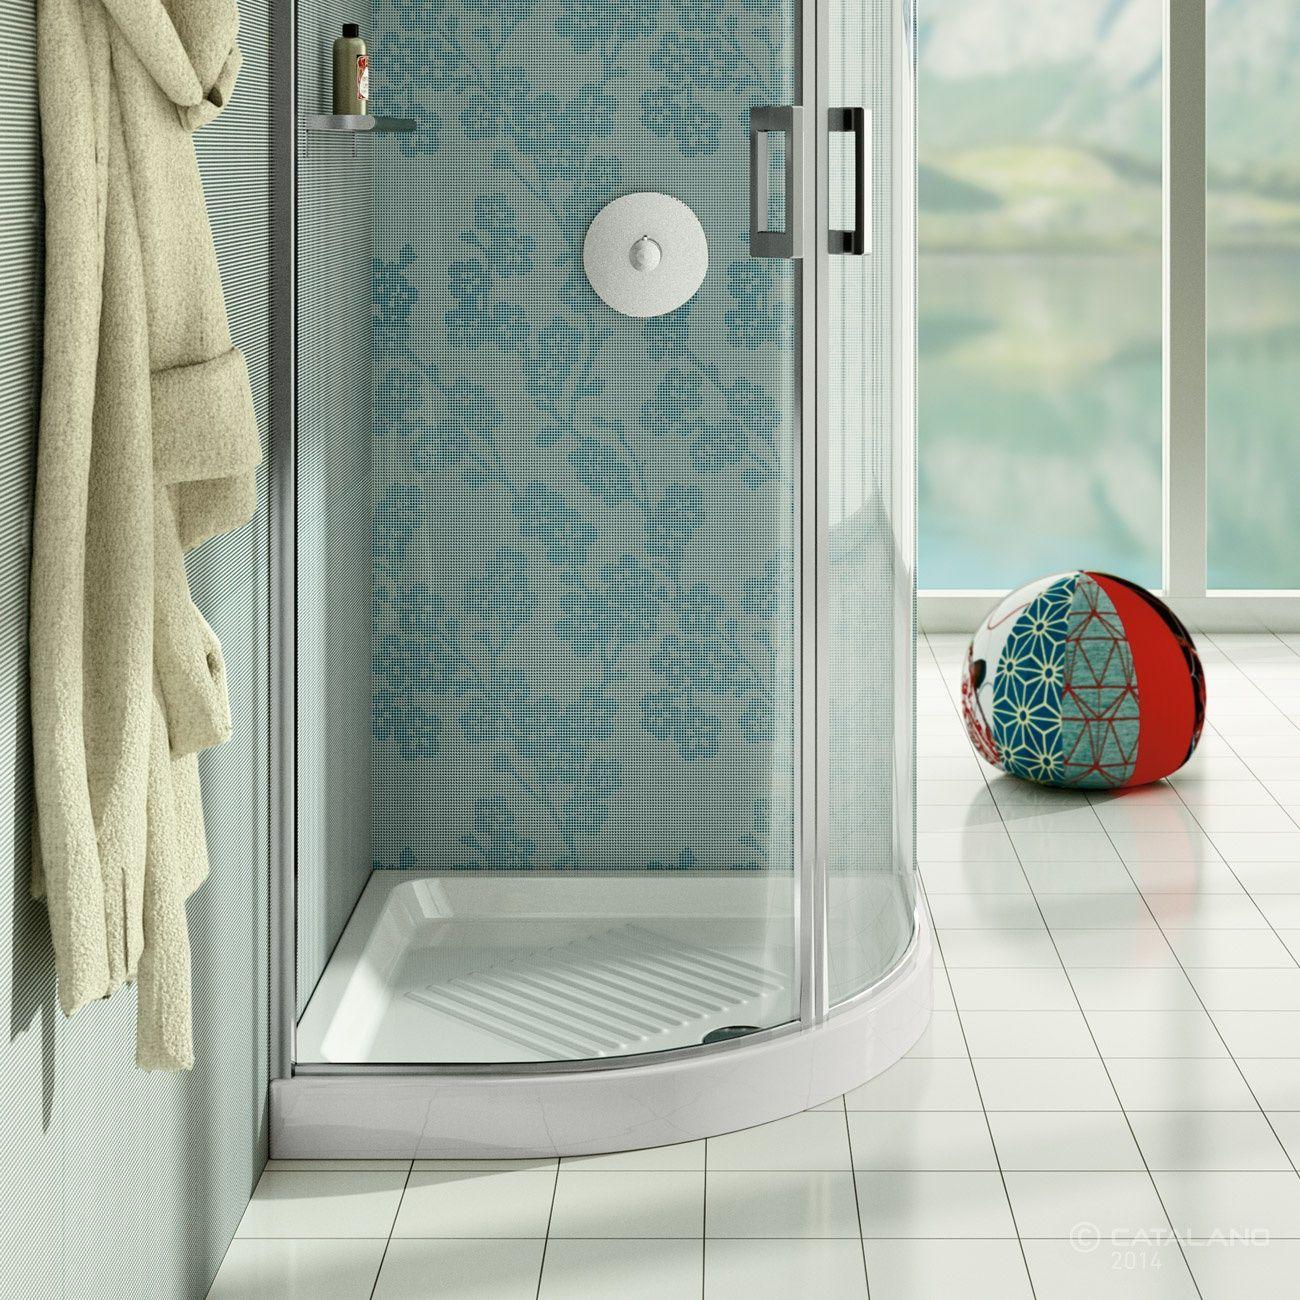 Piatti doccia Base 90x90 Shower tray, Shower, Ceramica